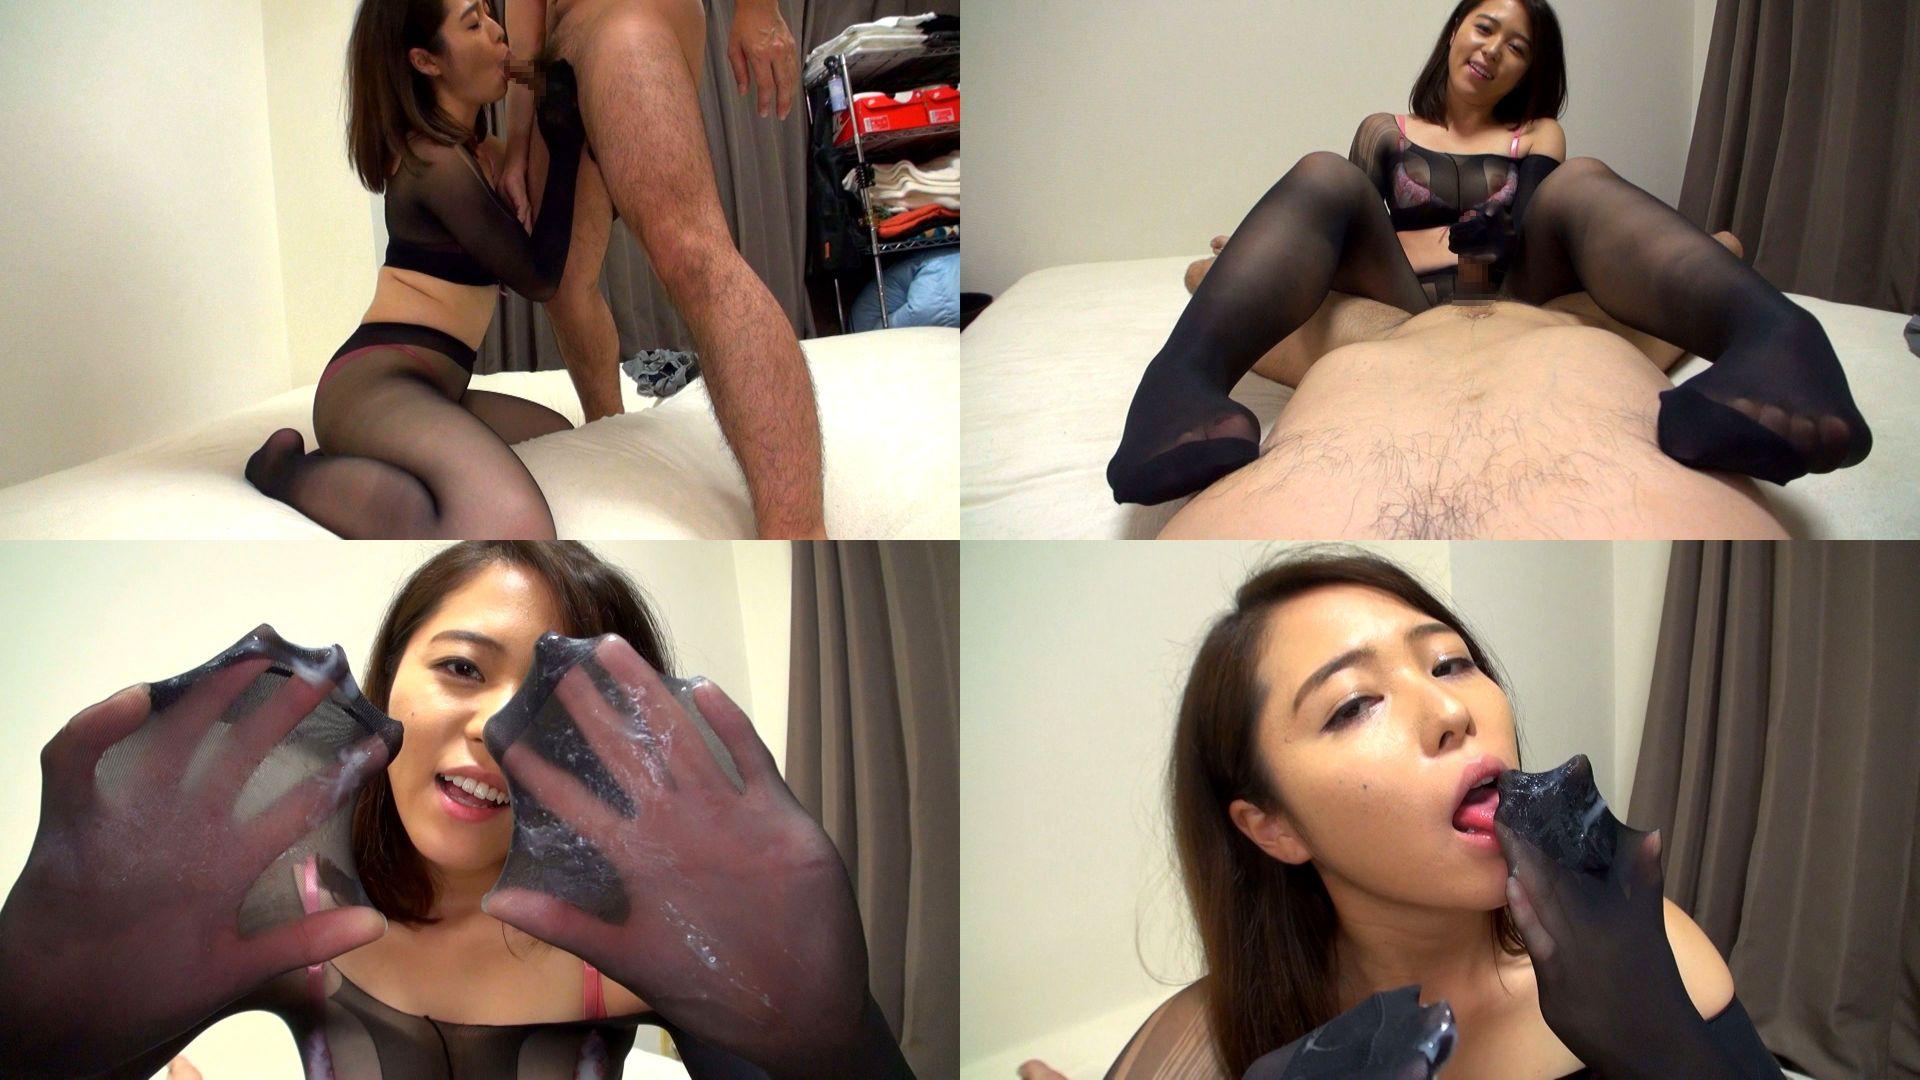 【紅蘭 25歳 ザーメン大好き変態娘】全身パンスト乳首舐め手コキのサンプル画像3